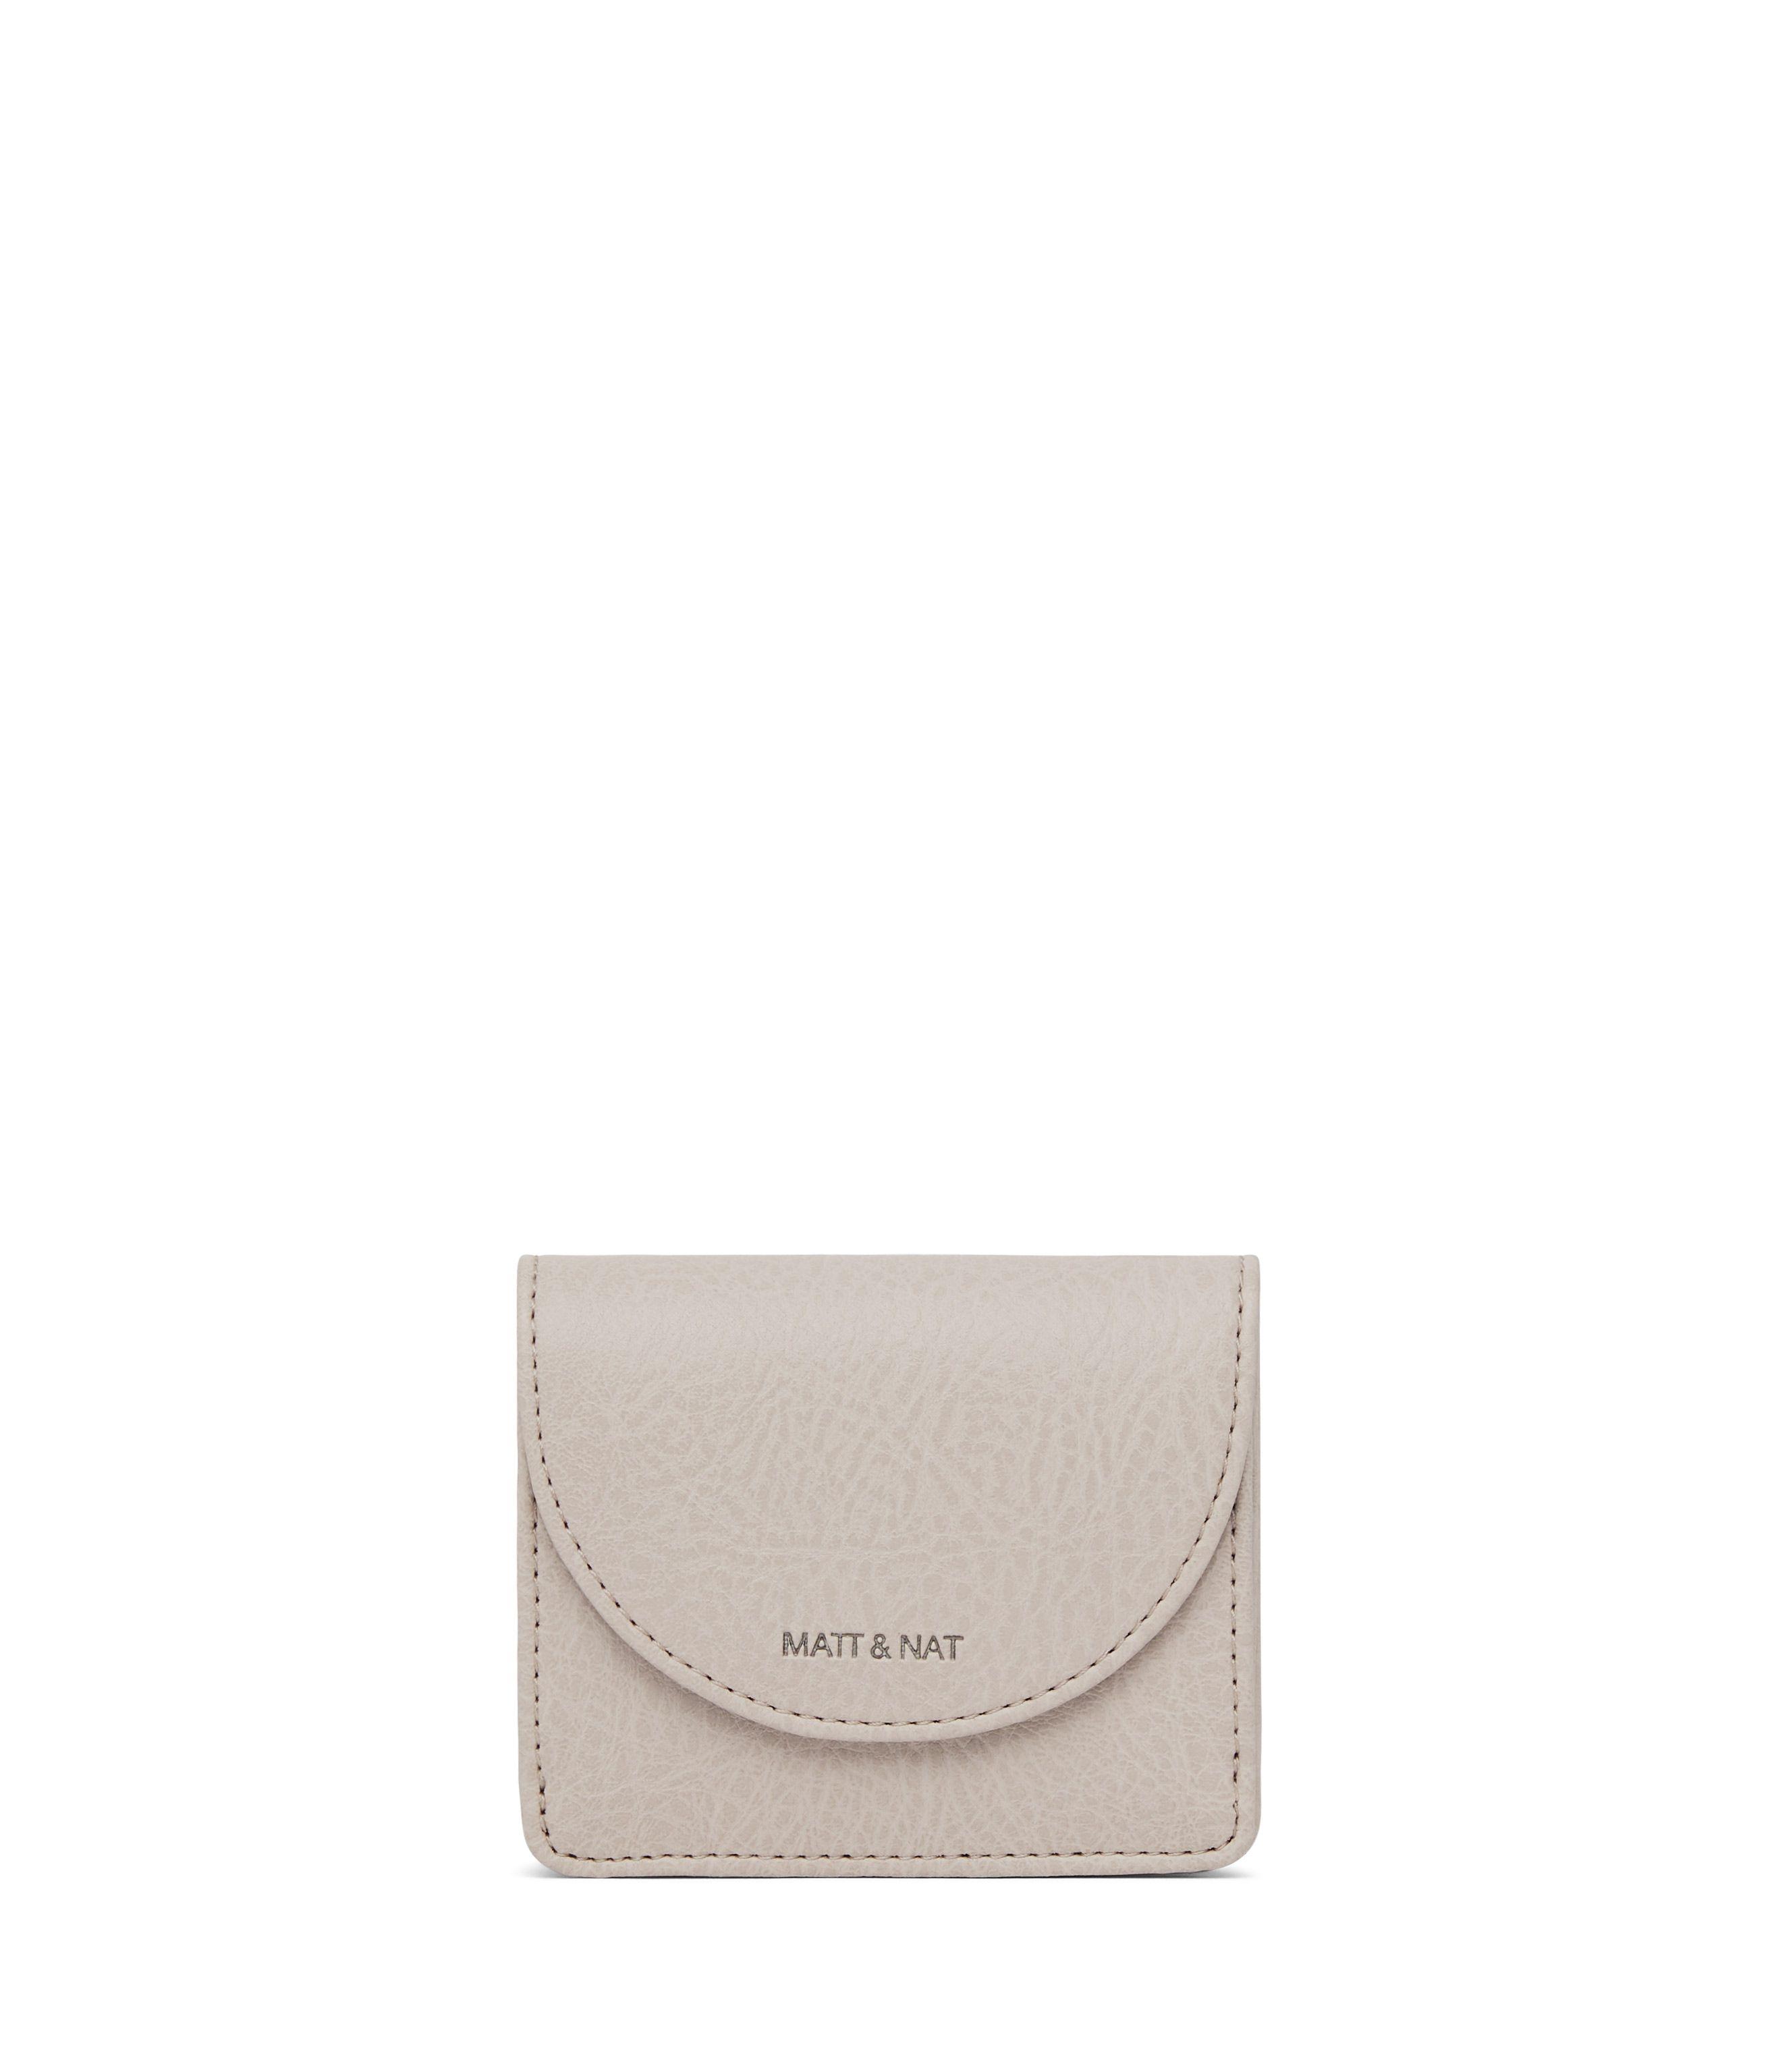 Roze Matt & Nat portemonnees voor dames • Gratis bezorging